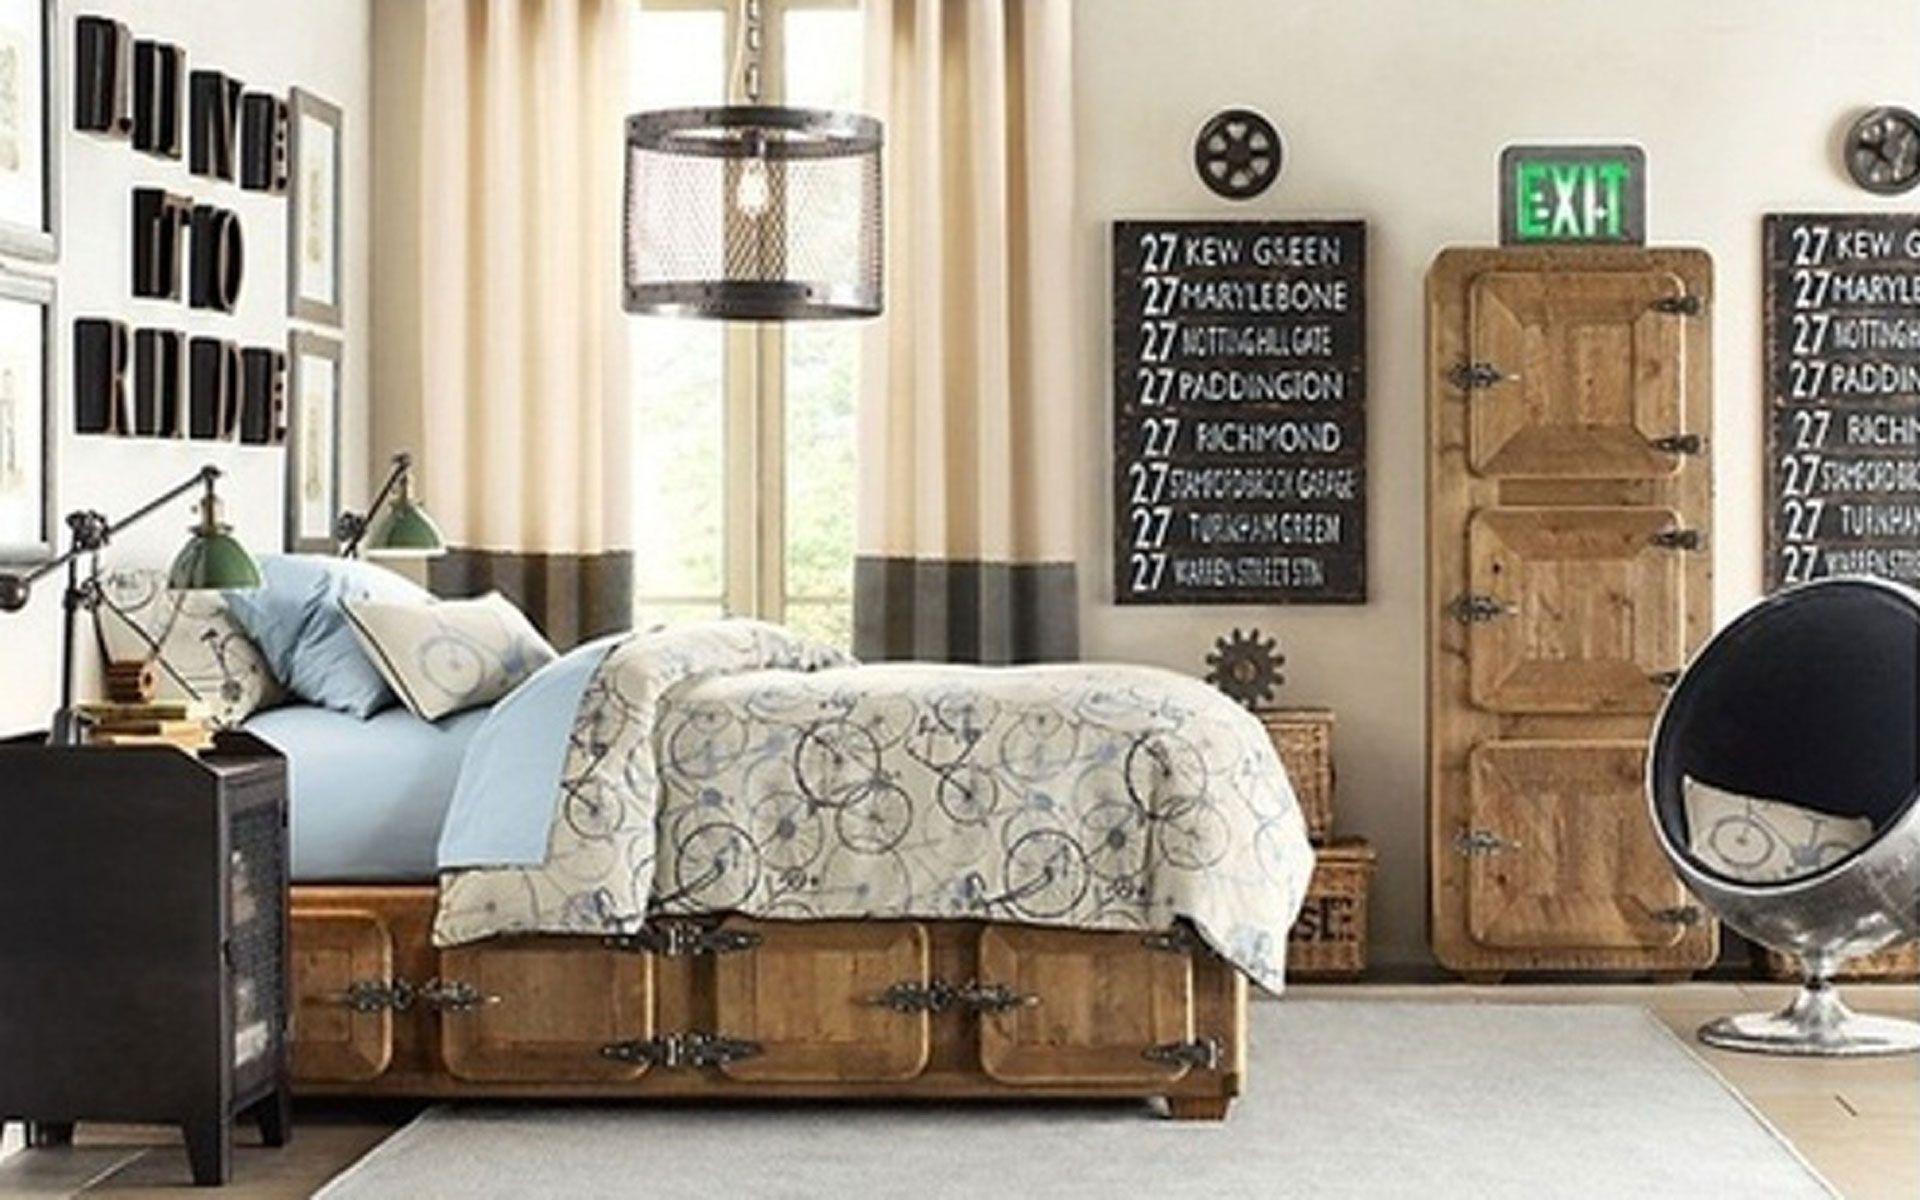 Industrial Interior Design Bedroom Bedroomvintage Industrial Bedroom With Brown Grey Comfort Bed